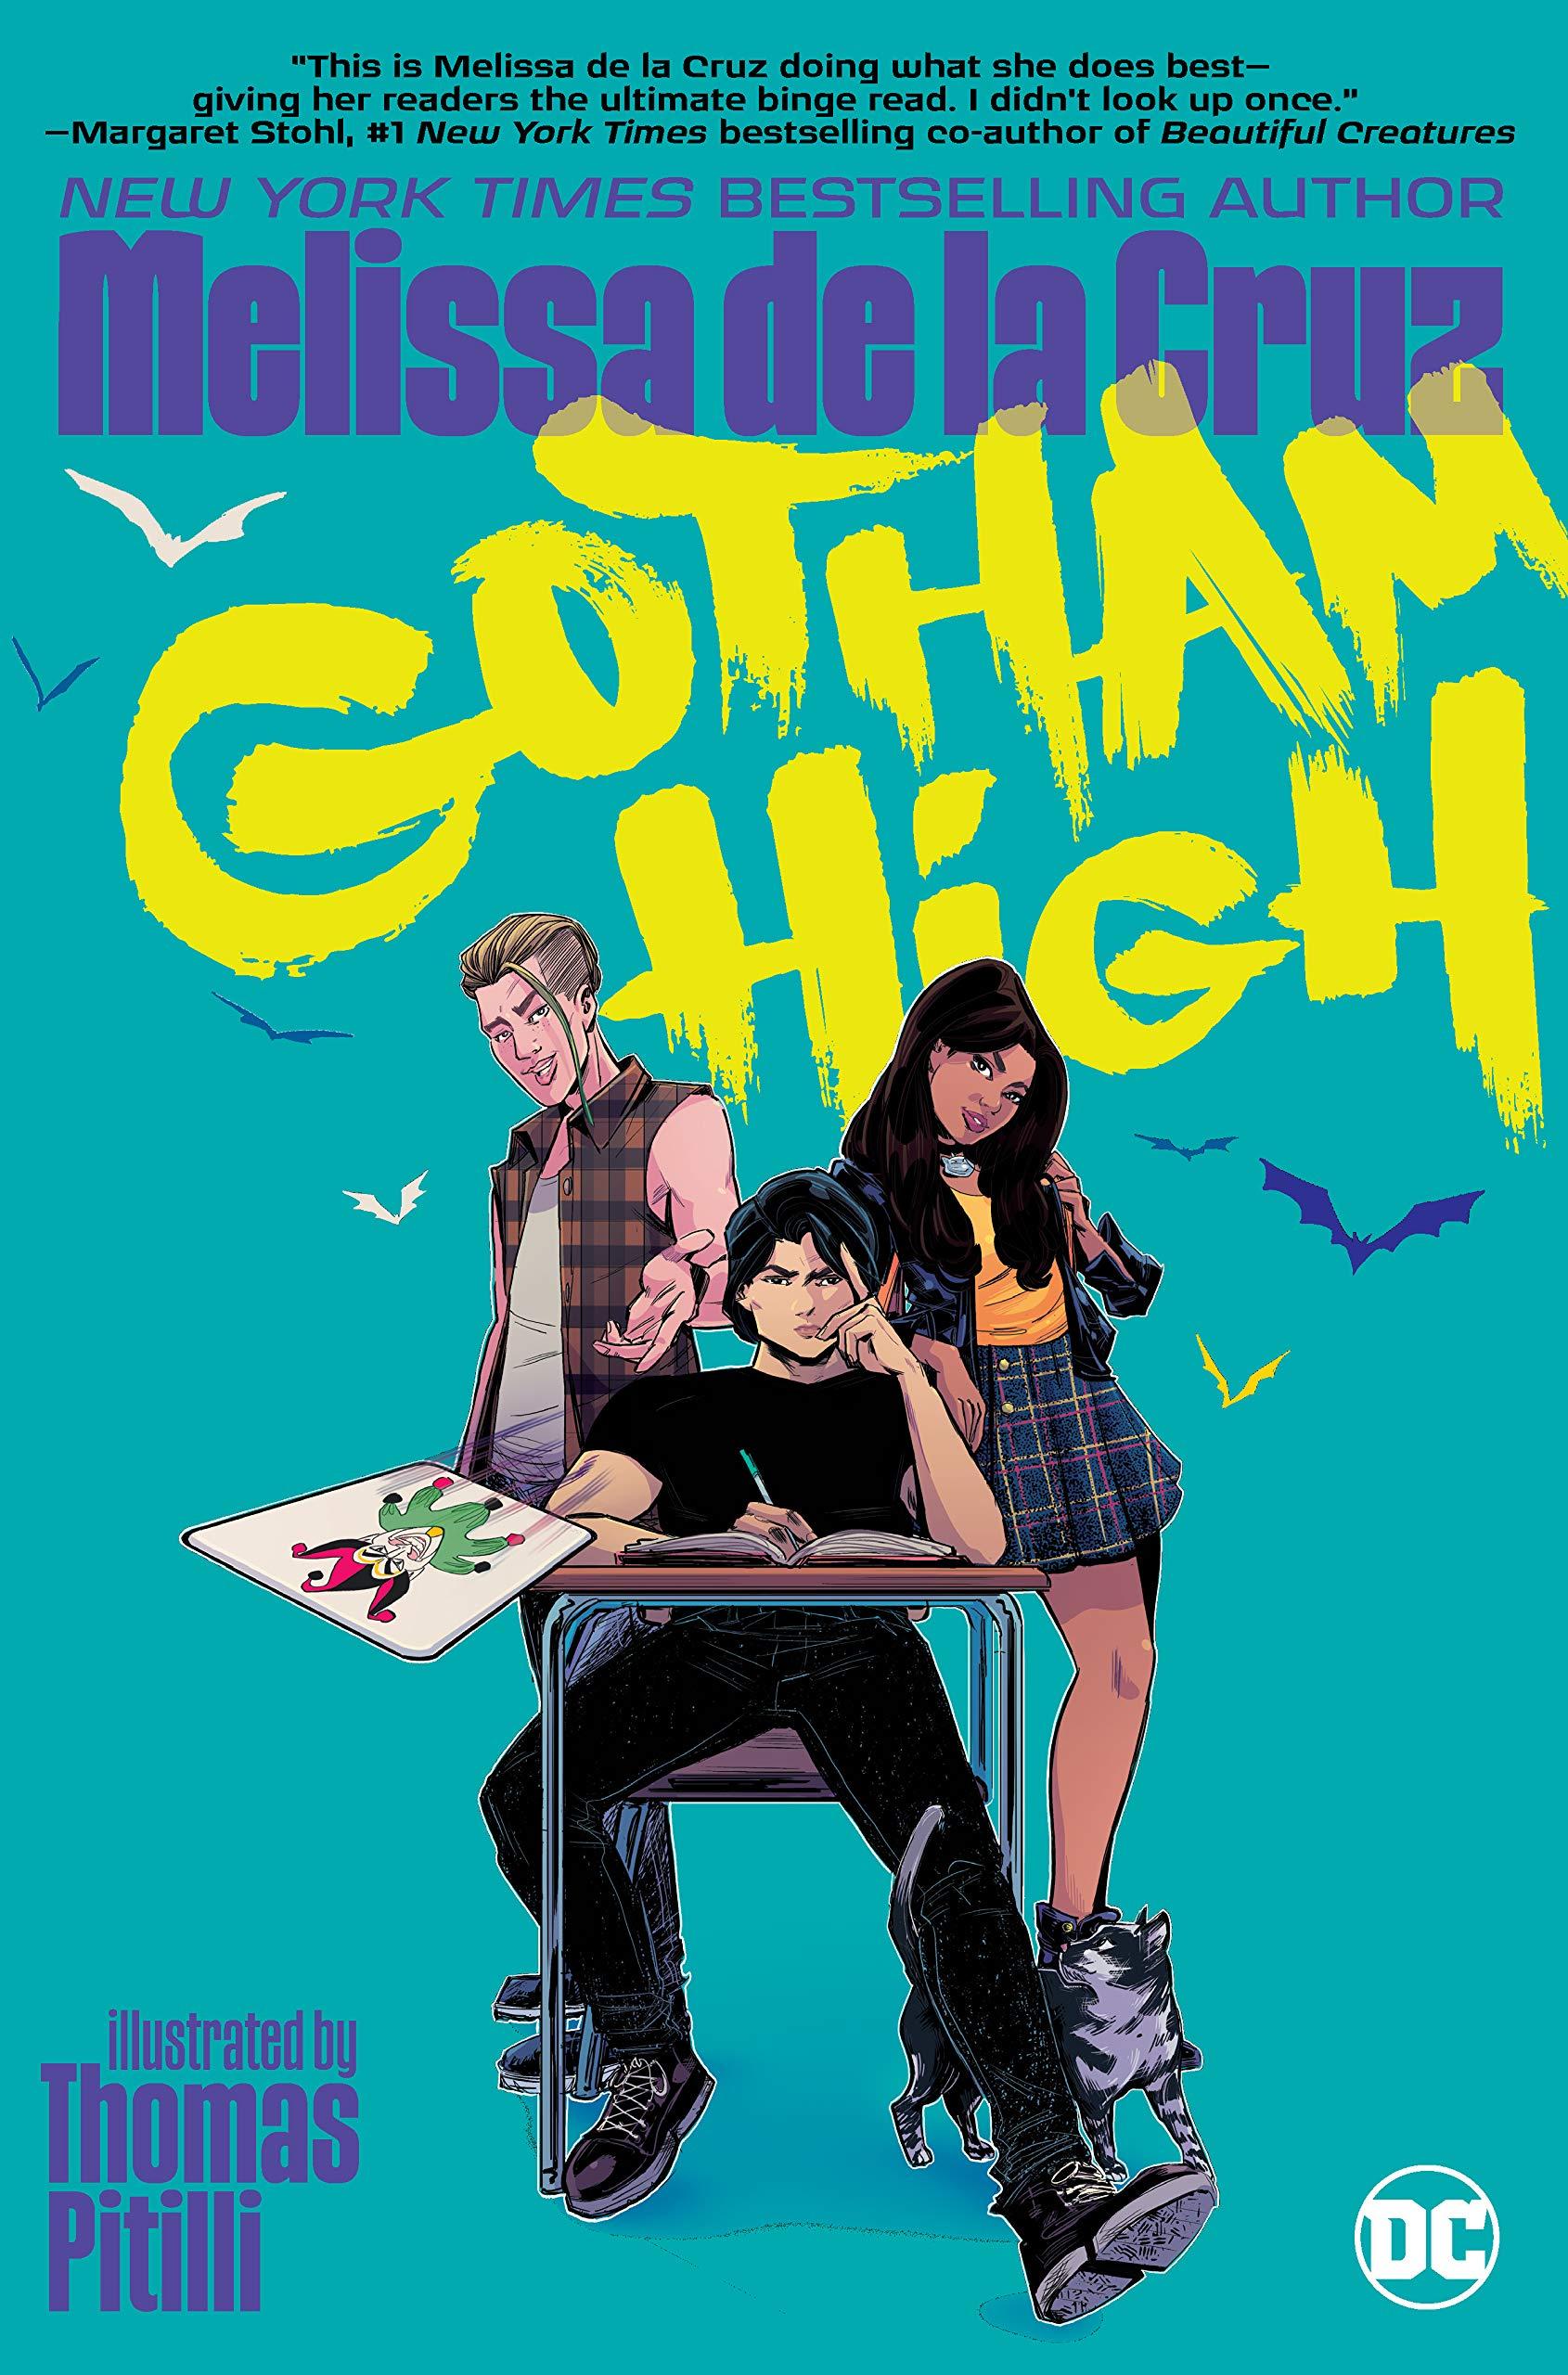 Amazon.com: Gotham High (9781401286248): de la Cruz, Melissa ...